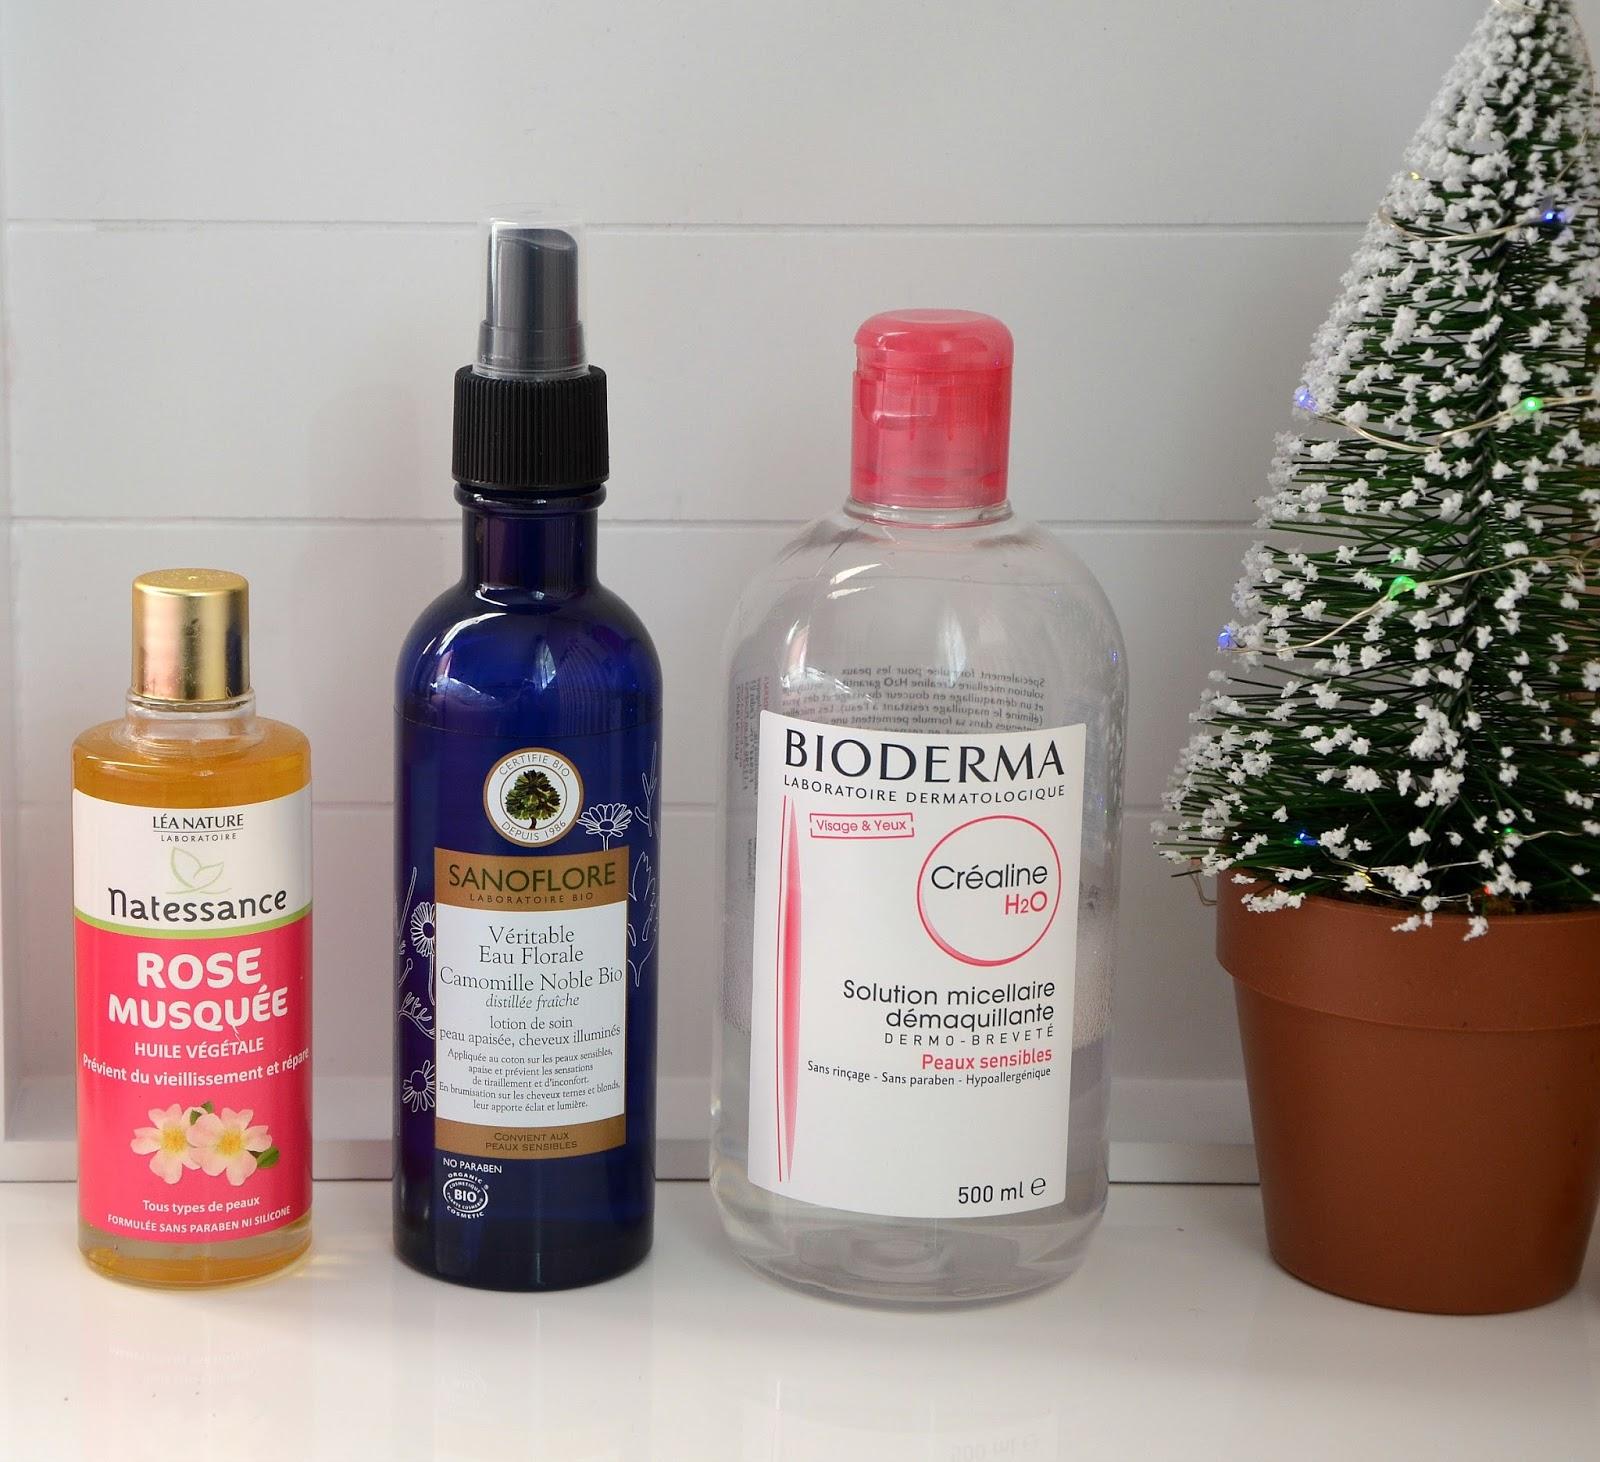 soins du visage face skin care